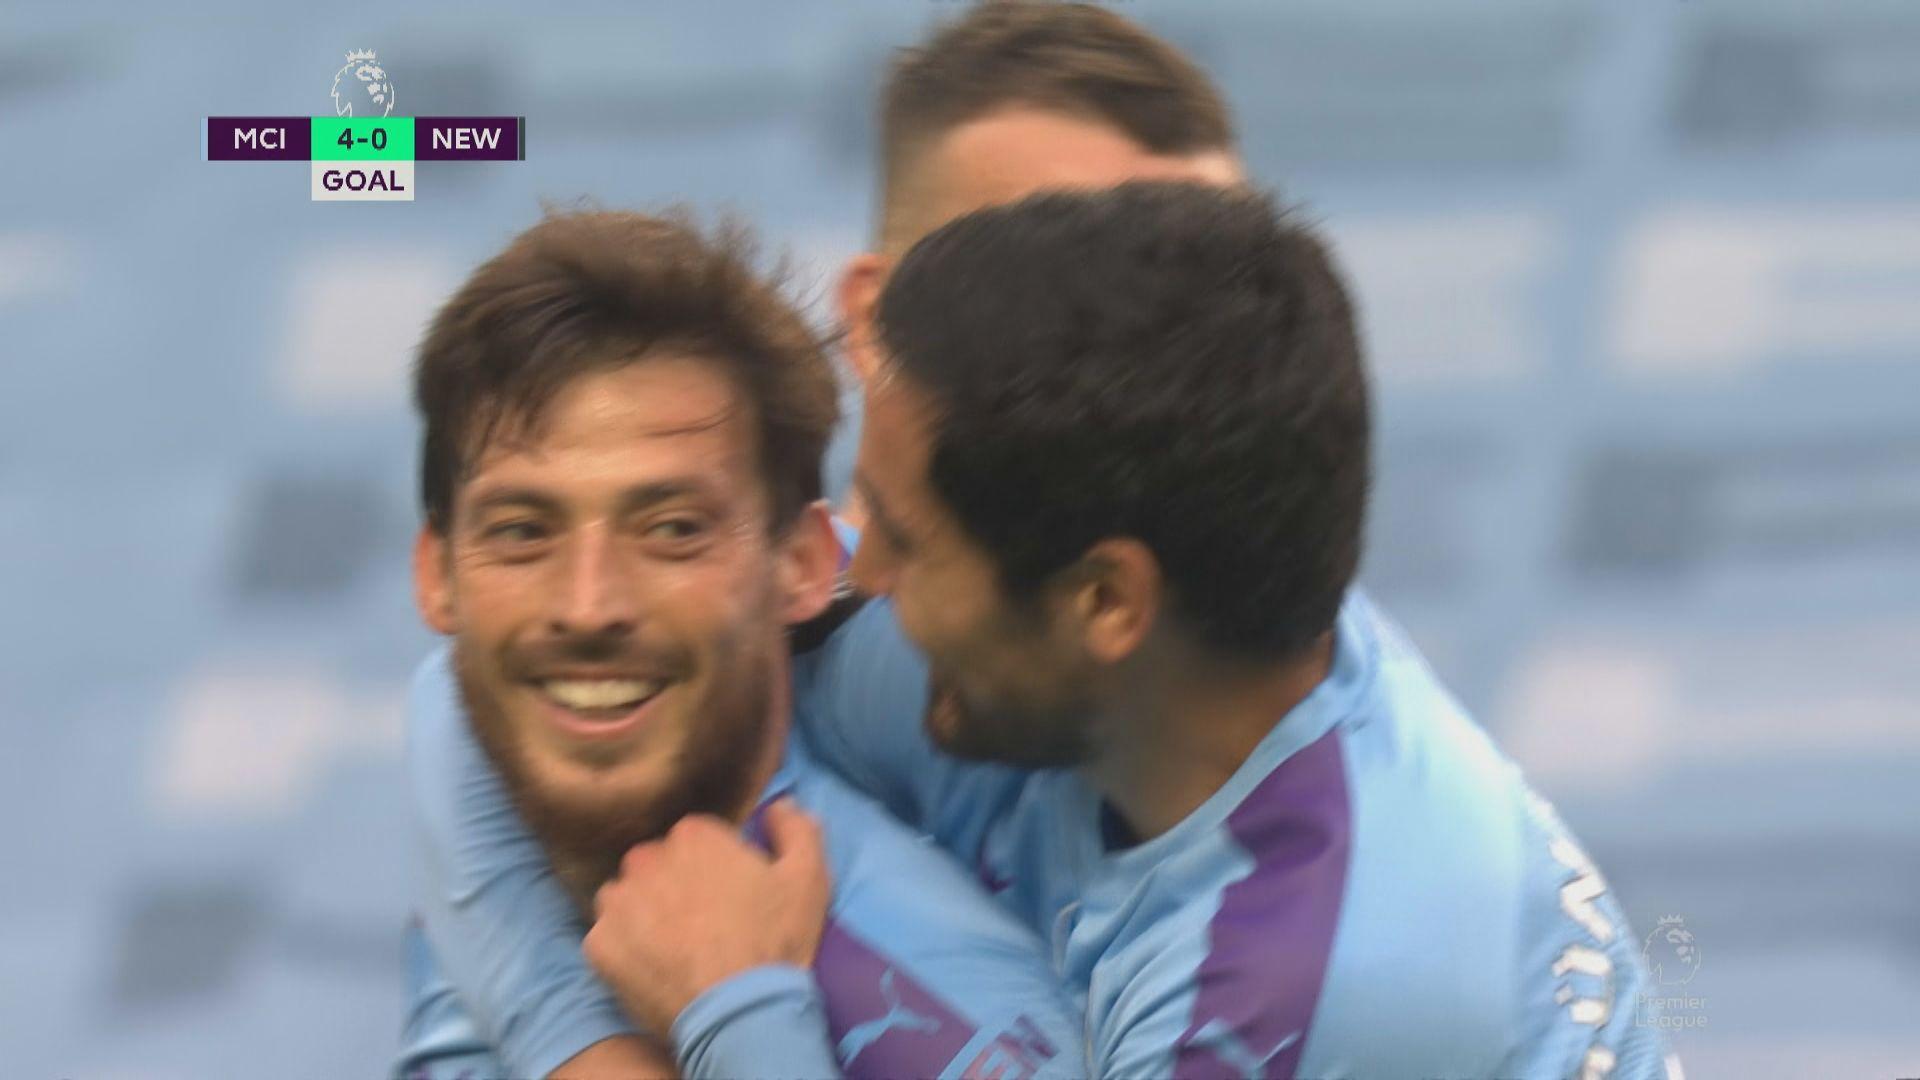 英超:曼城 5:0 紐卡素、白禮頓 1:3 利物浦